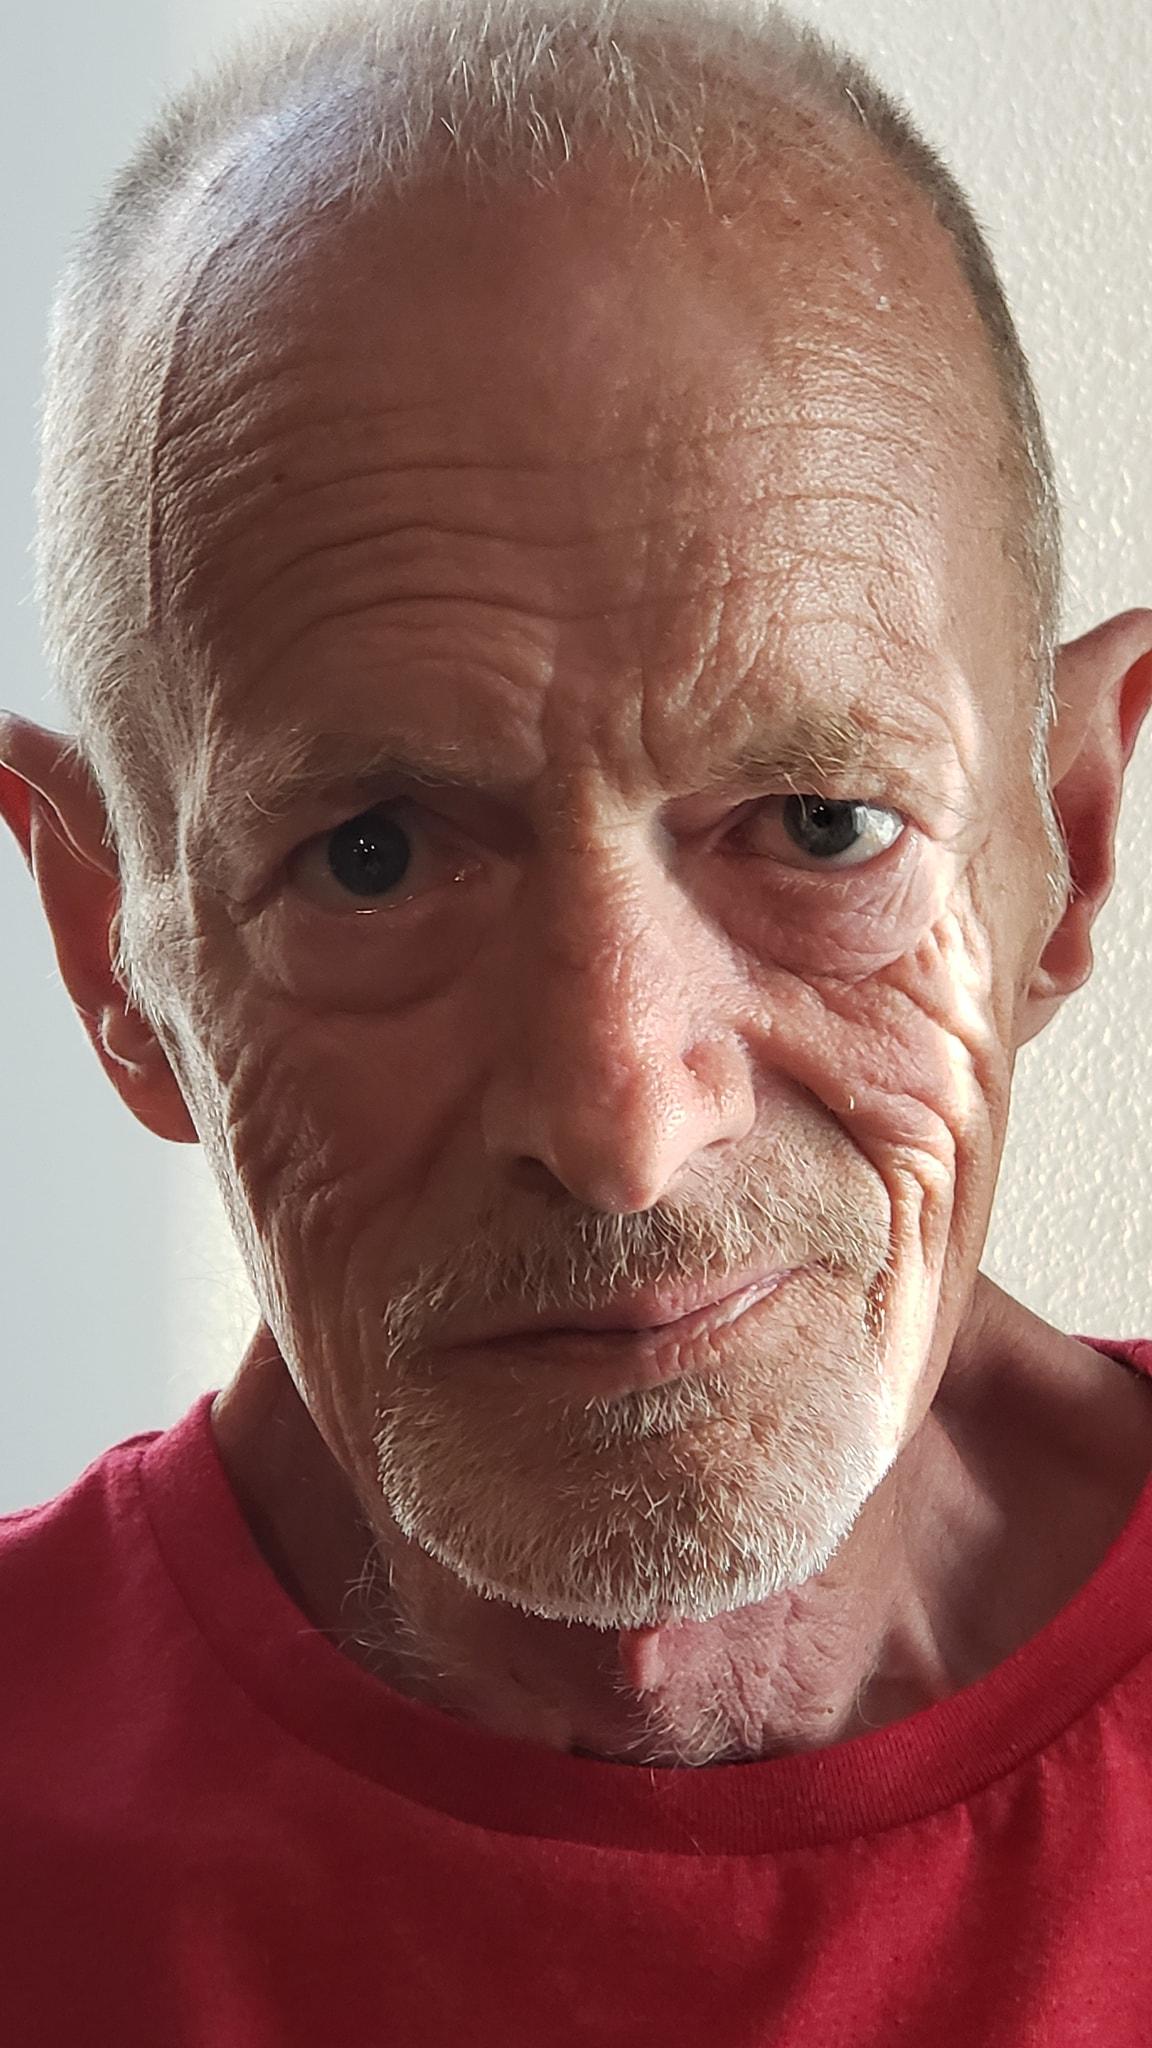 Danny Hicks Cancer